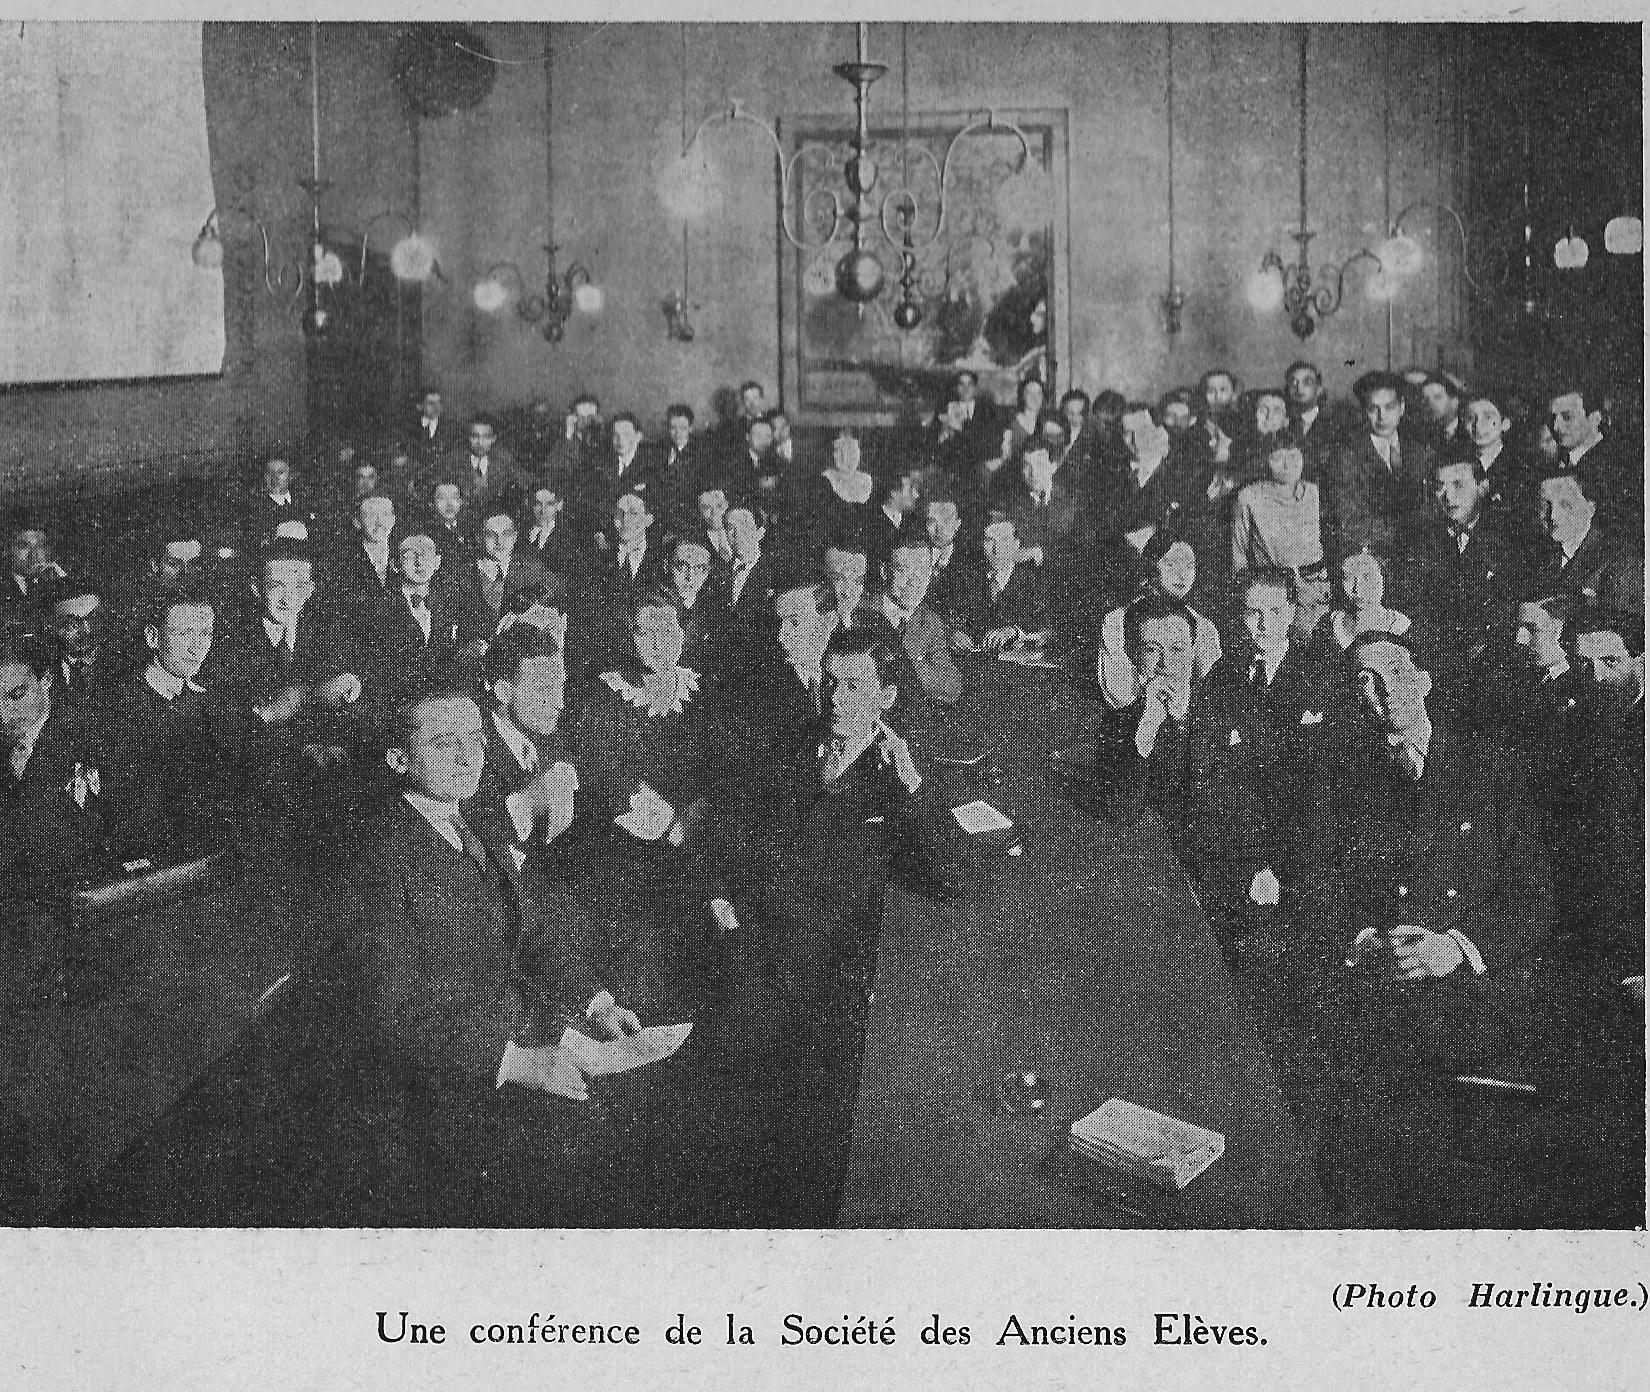 Une conférence de la Société des Anciens élèves